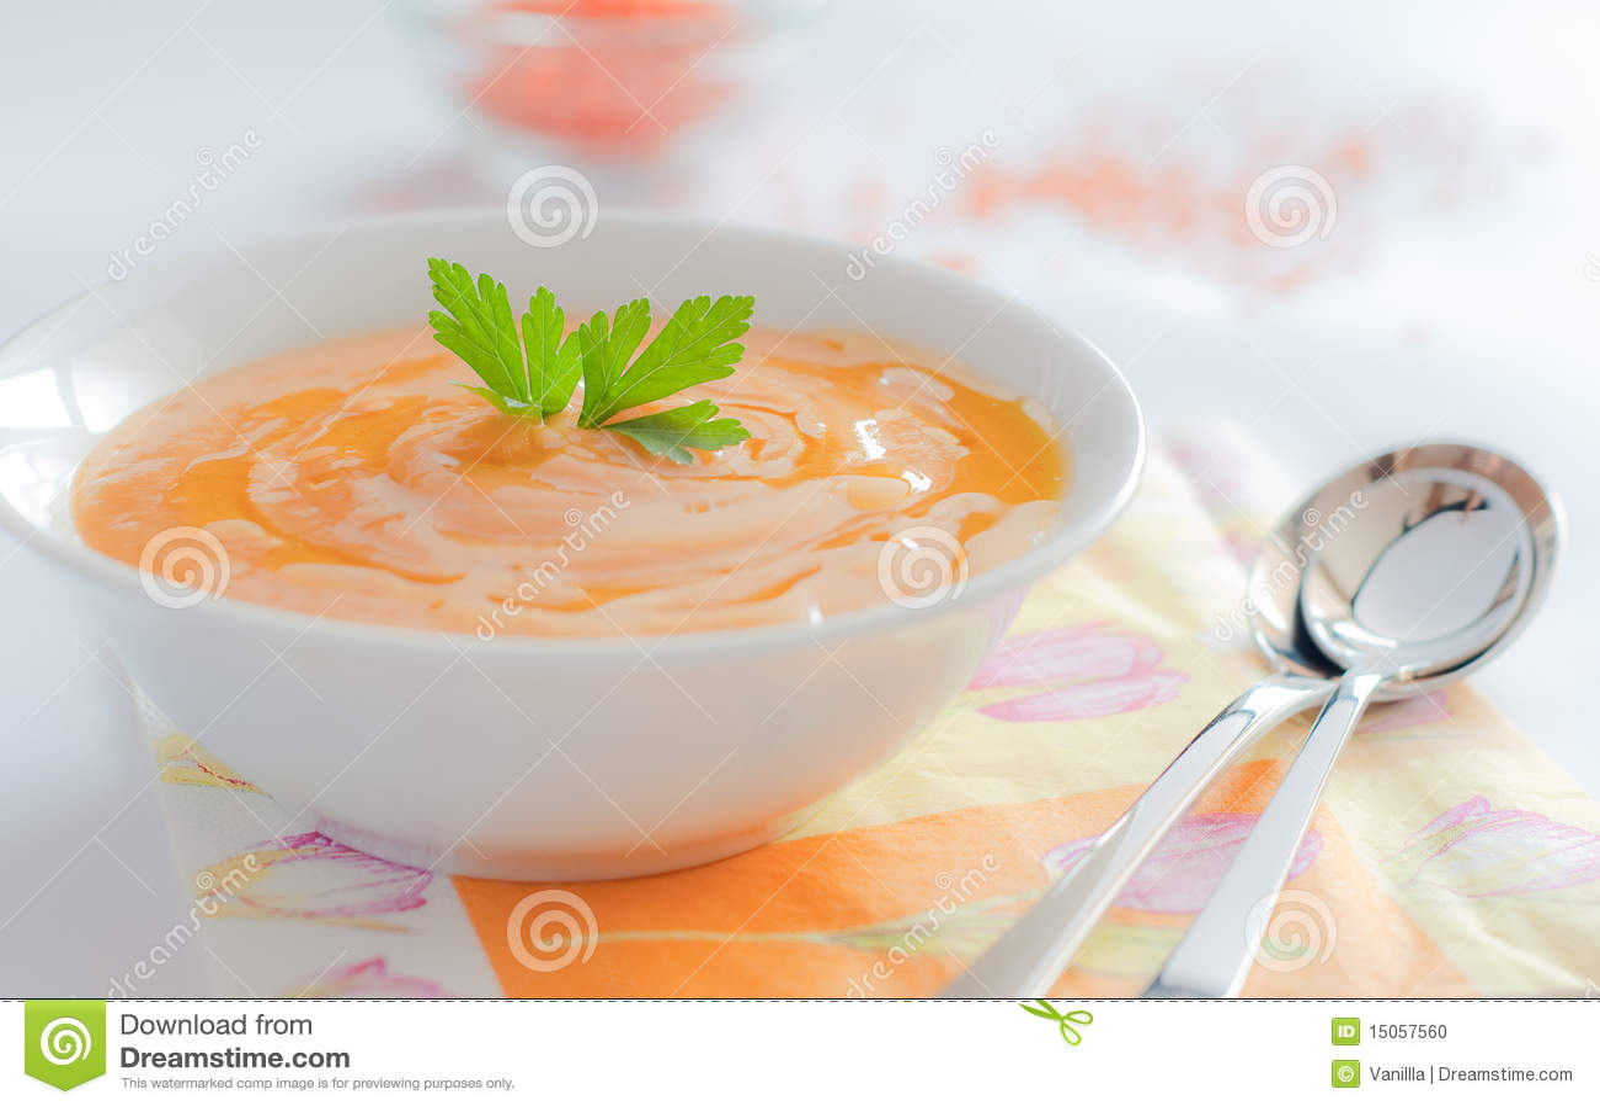 De soep van de room